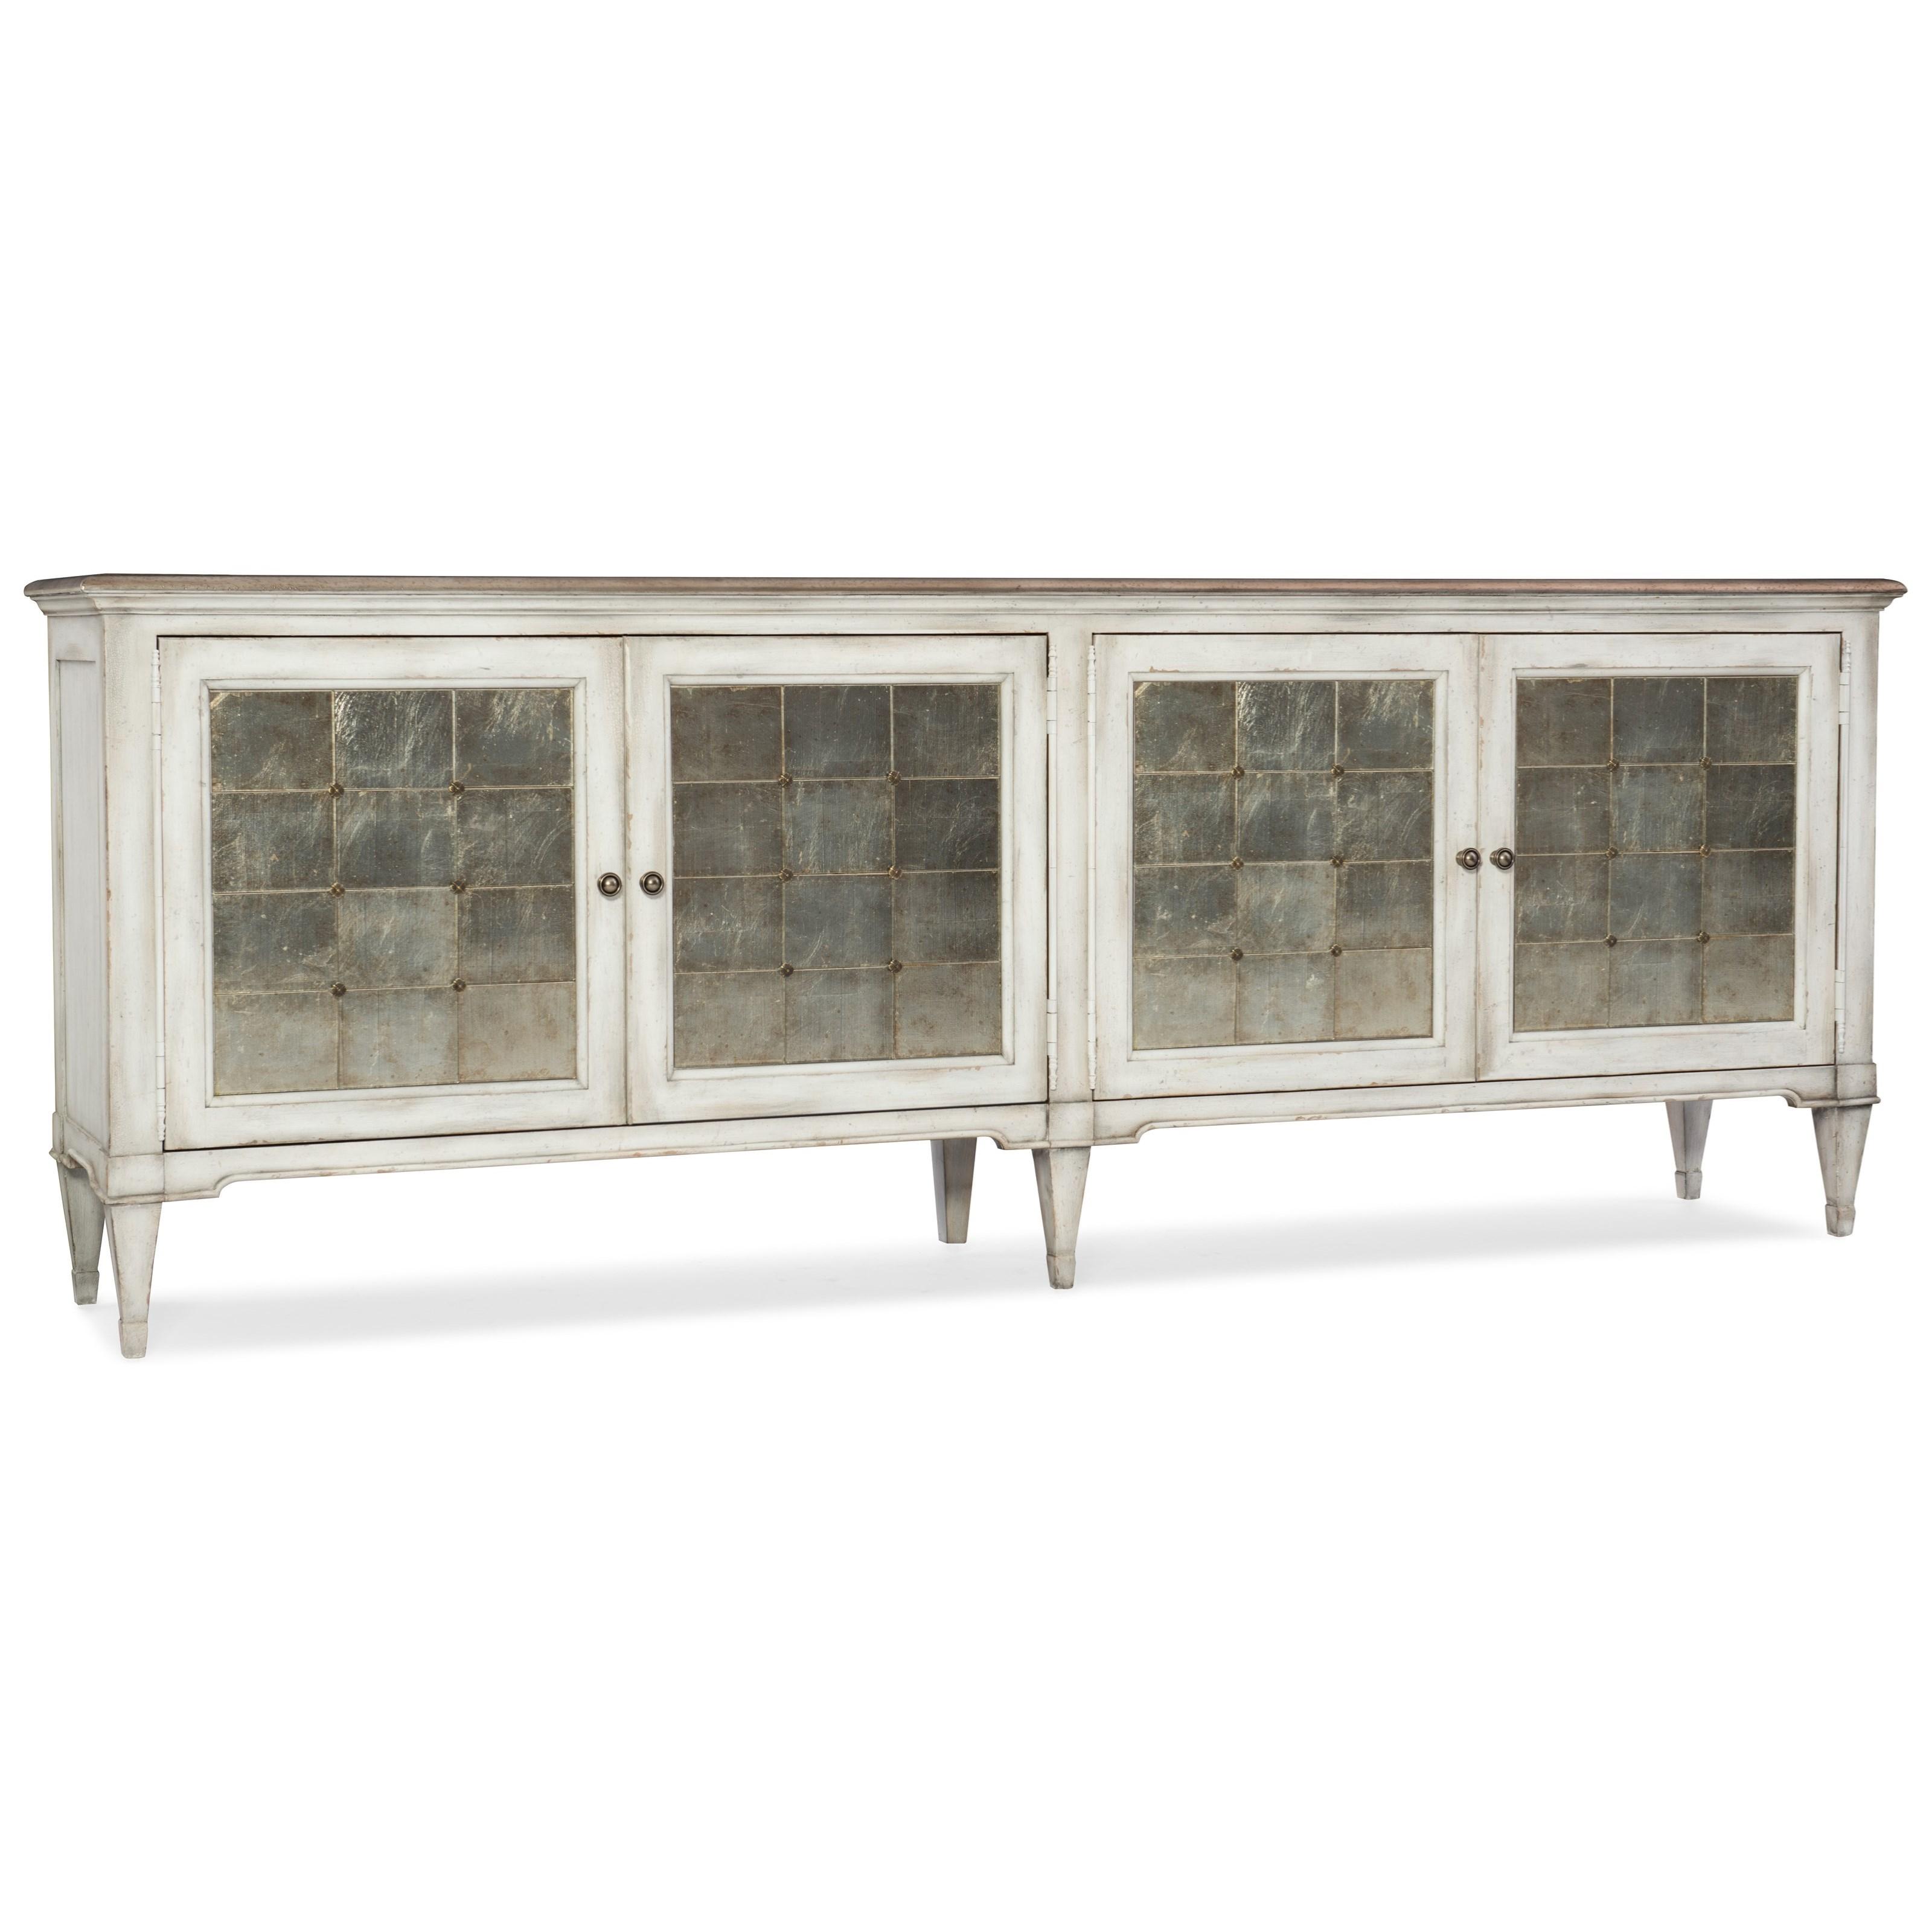 Arabella Four-Door Credenza by Hooker Furniture at Mueller Furniture